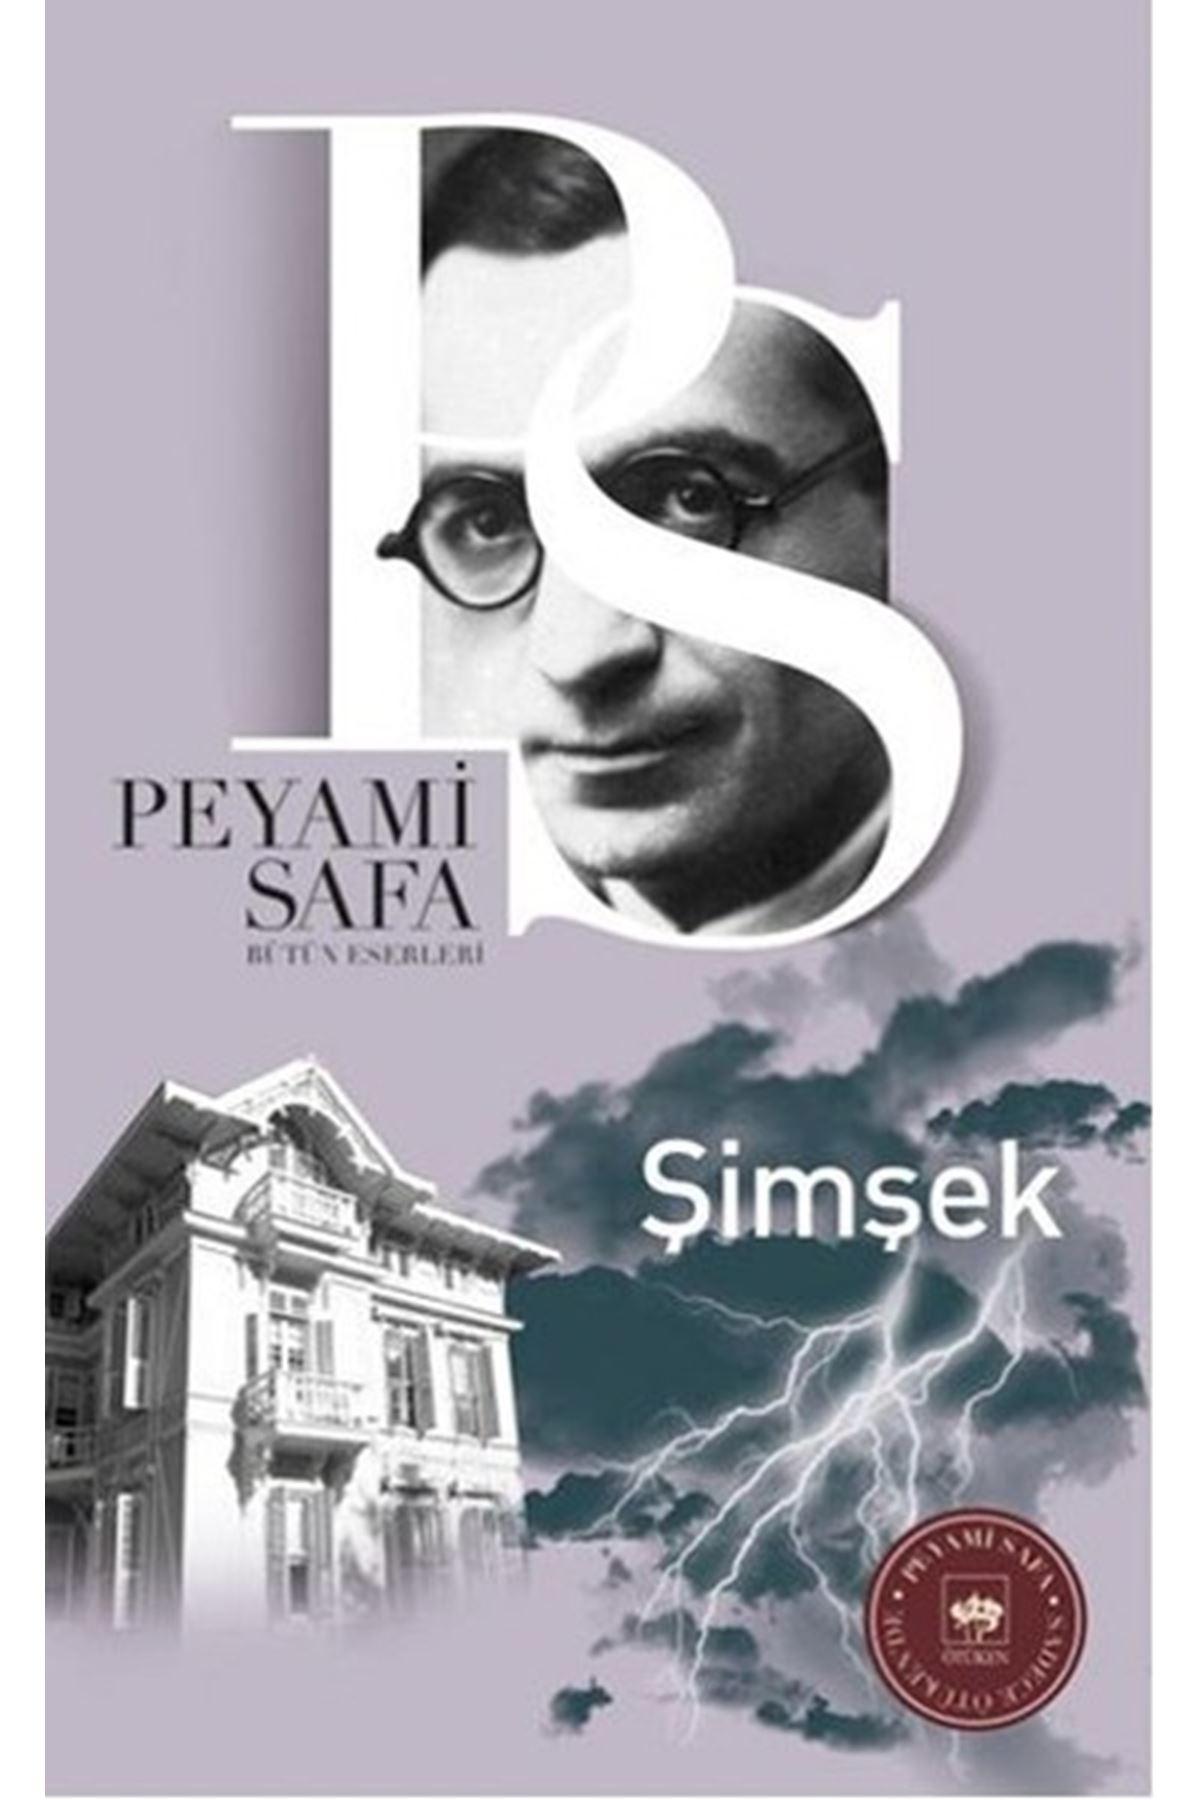 PEYAMİ SAFA - ŞİMŞEK